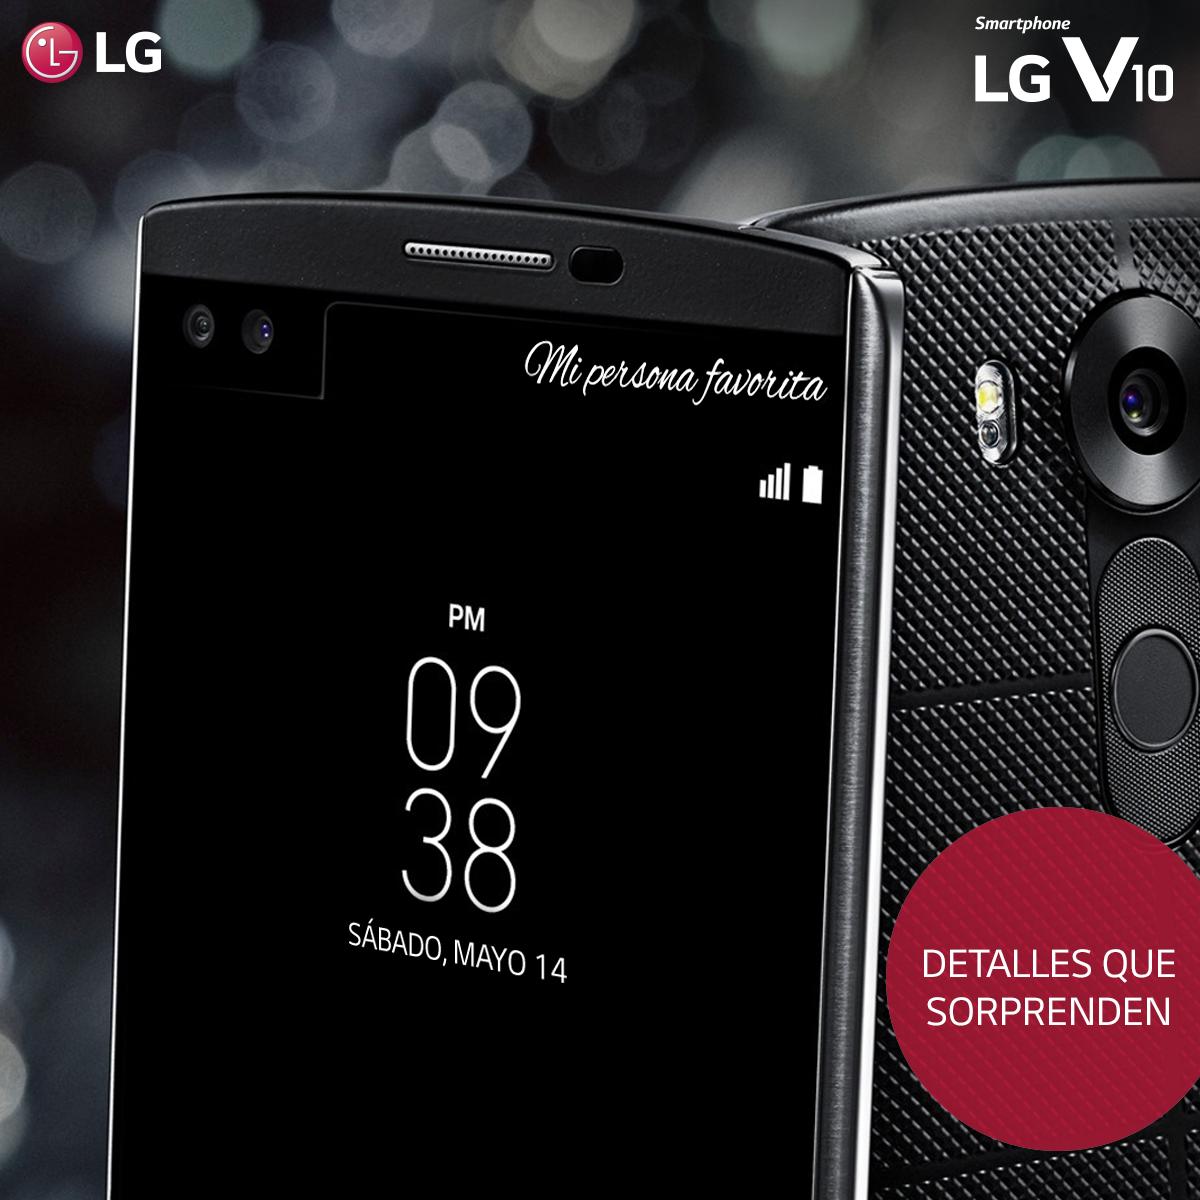 Personaliza la pantalla secundaria de tu LG V10